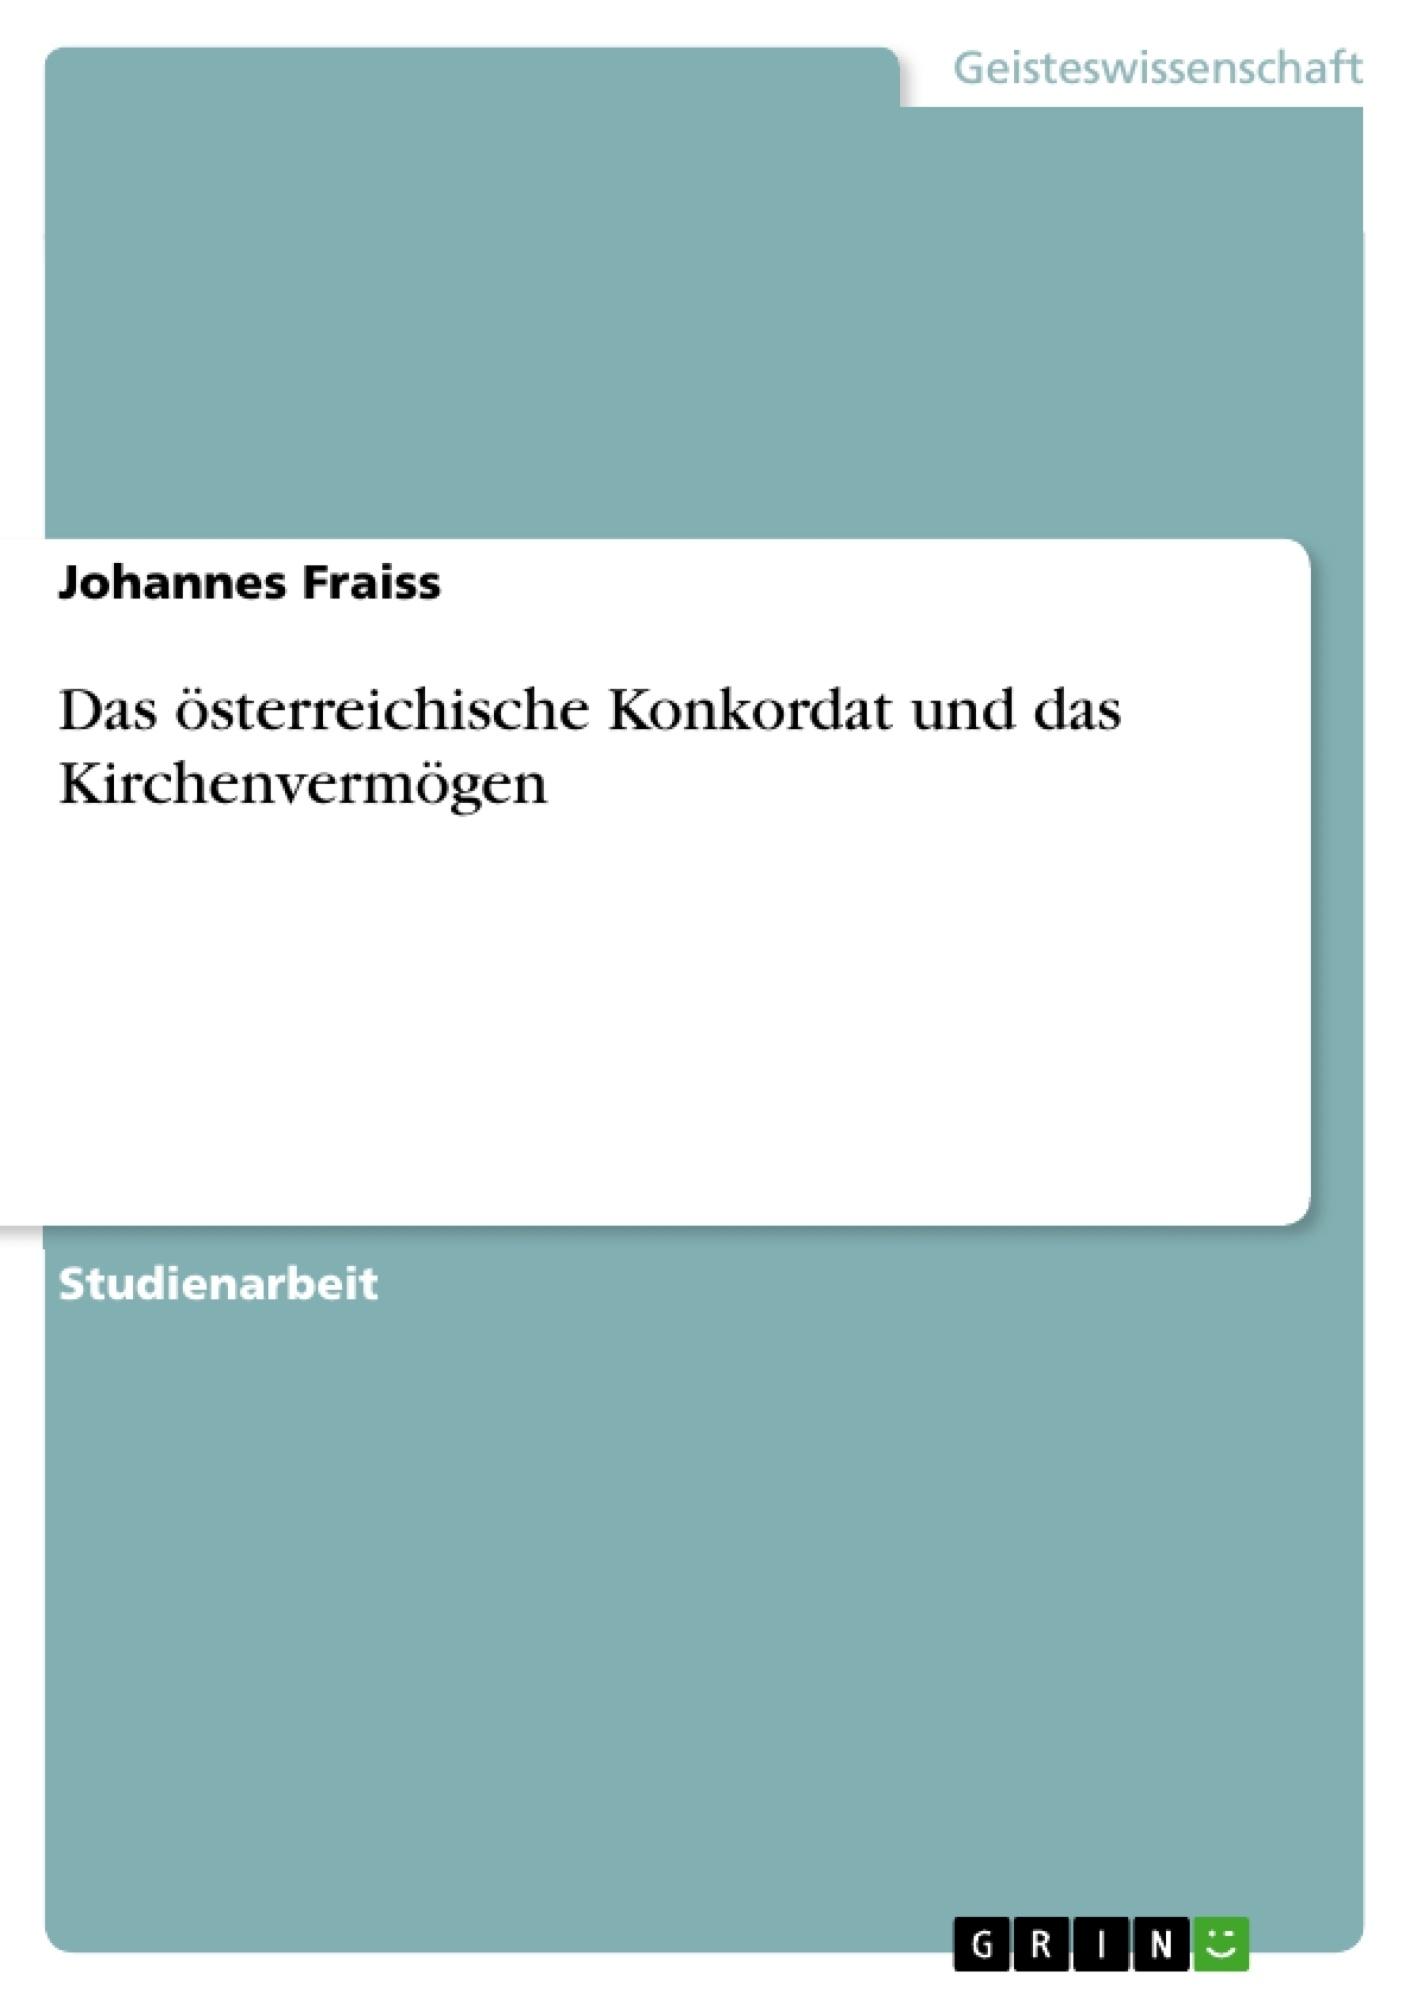 Das österreichische Konkordat Und Das Kirchenvermögen Masterarbeit